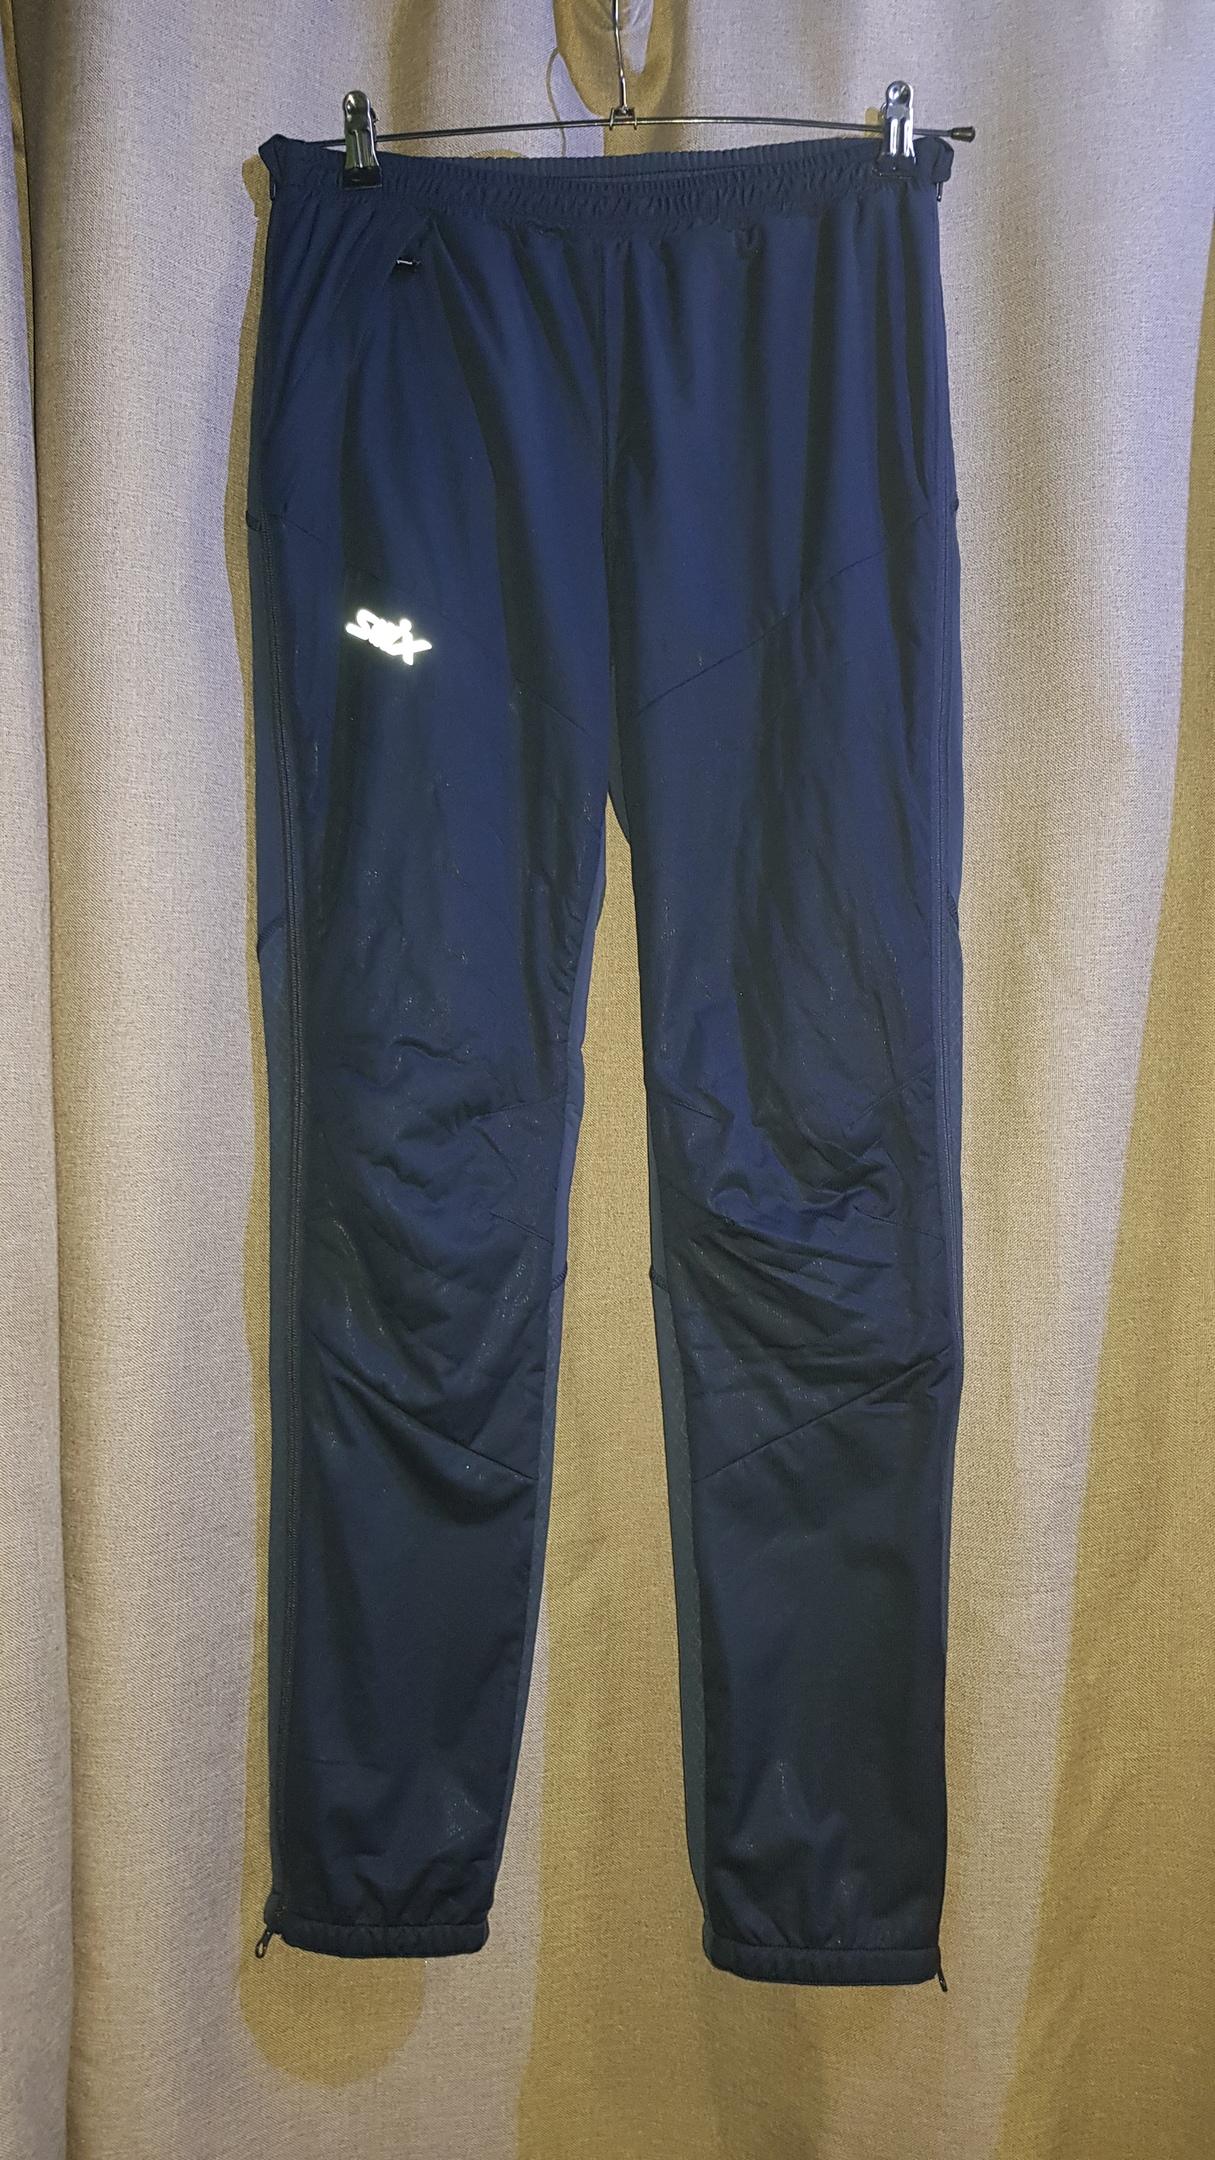 93b7e3c3222f Штаны для беговых лыж SWIX Powder Синий (18 19) - купить в Санкт ...